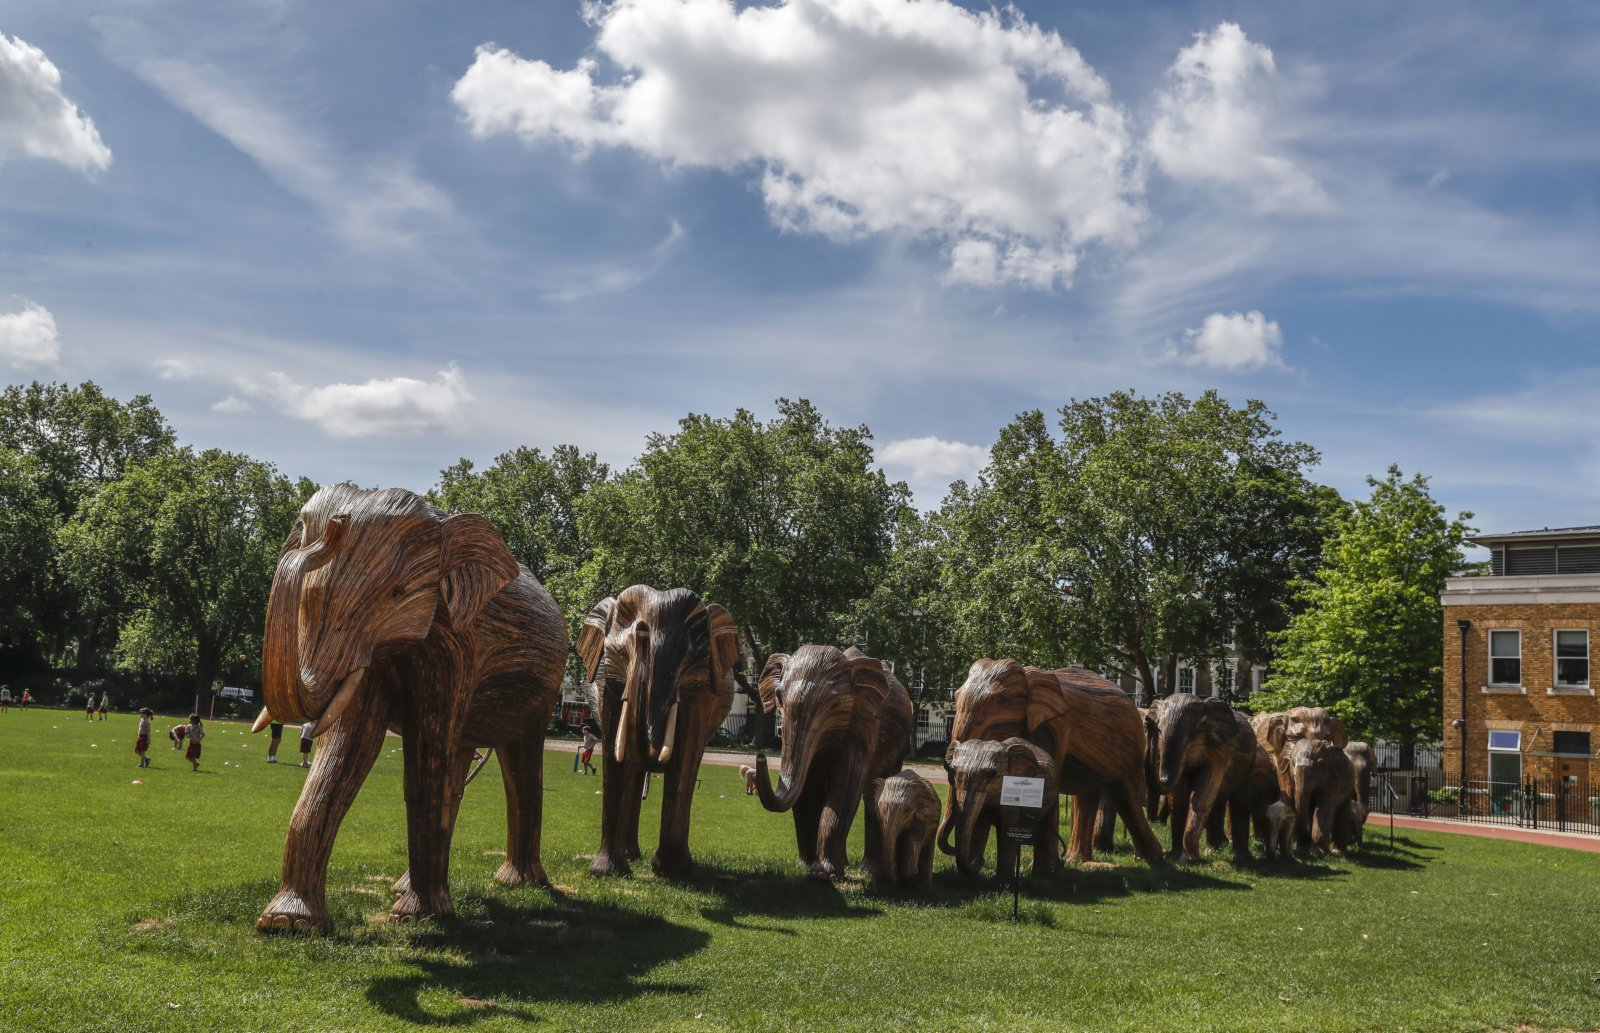 6月8日在英國倫敦切爾西街頭拍攝的大象藝術品。(新華社)